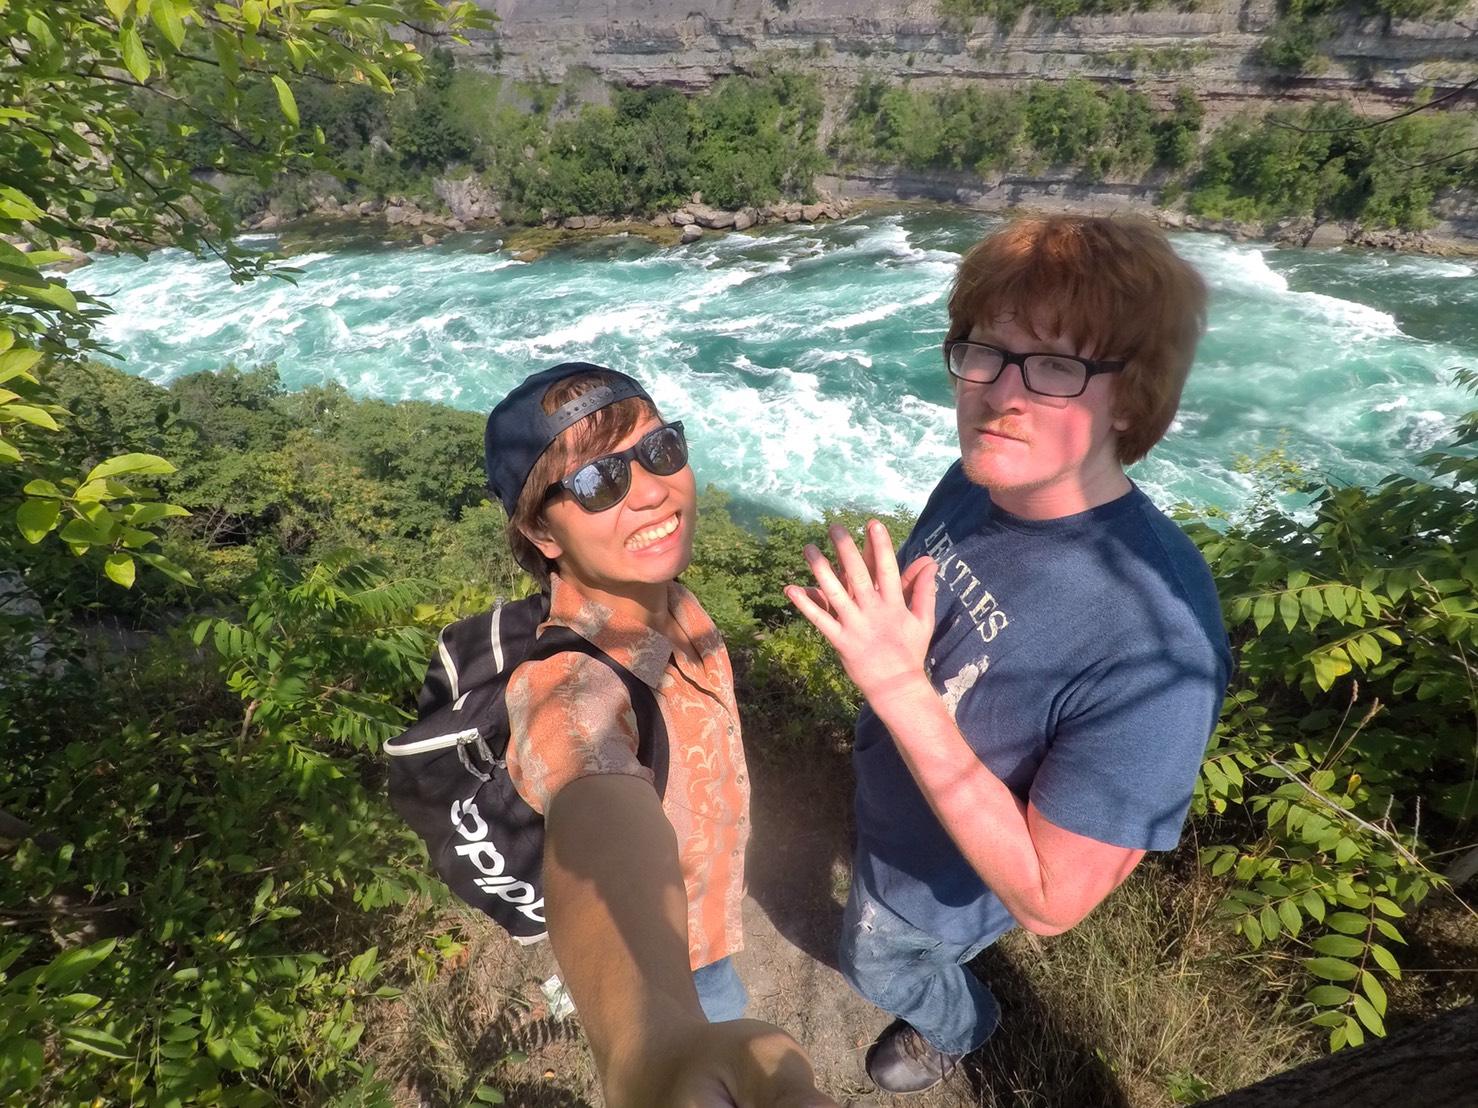 アメリカ横断中にナイアガラの滝に行った写真